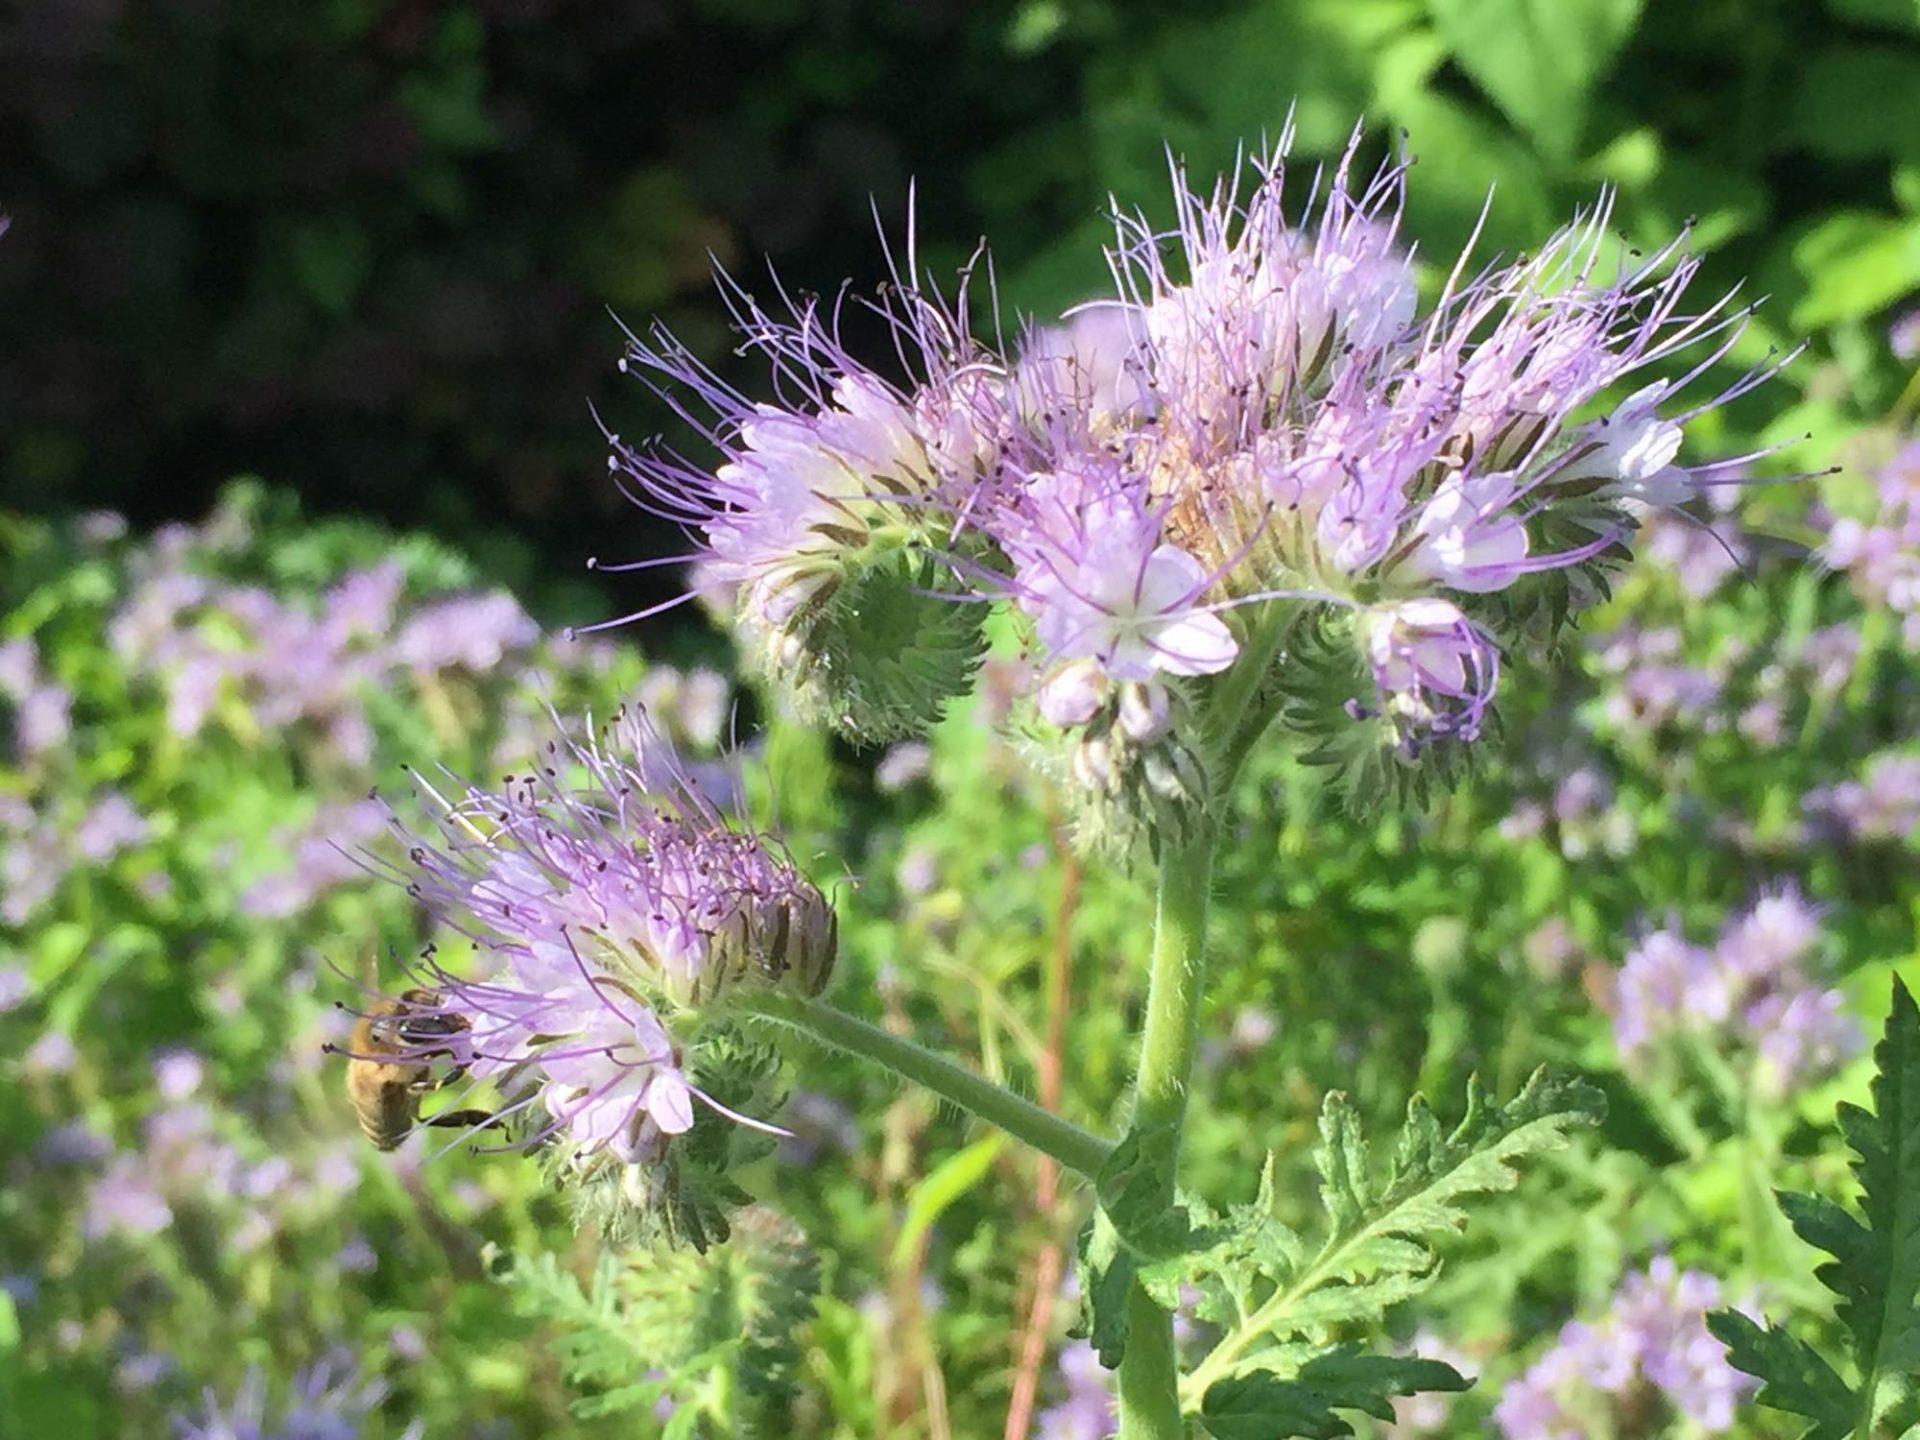 Blüte der Pflanze Bienenfreund, die von einer Biene angesteuert wird.